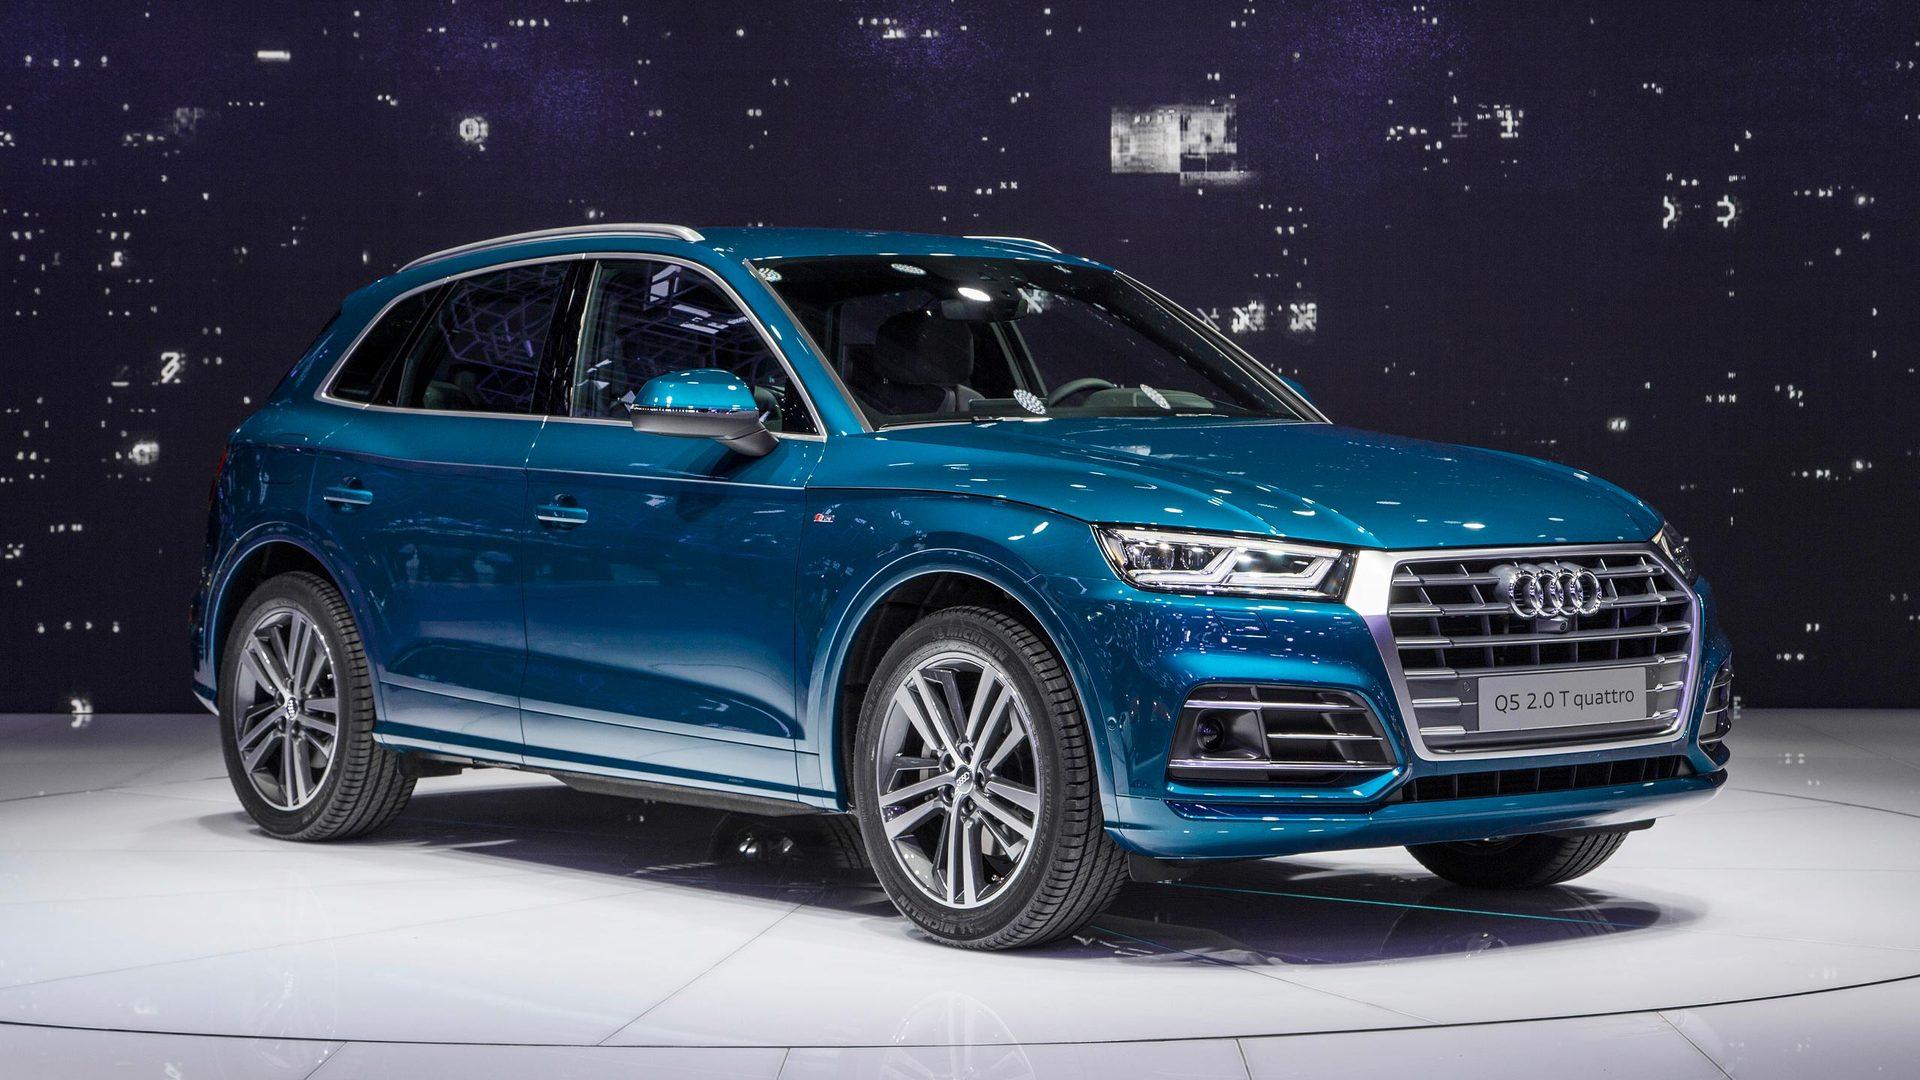 Audi Q5 Fotos De Coches Para Escritorios Y Salva Pantallas